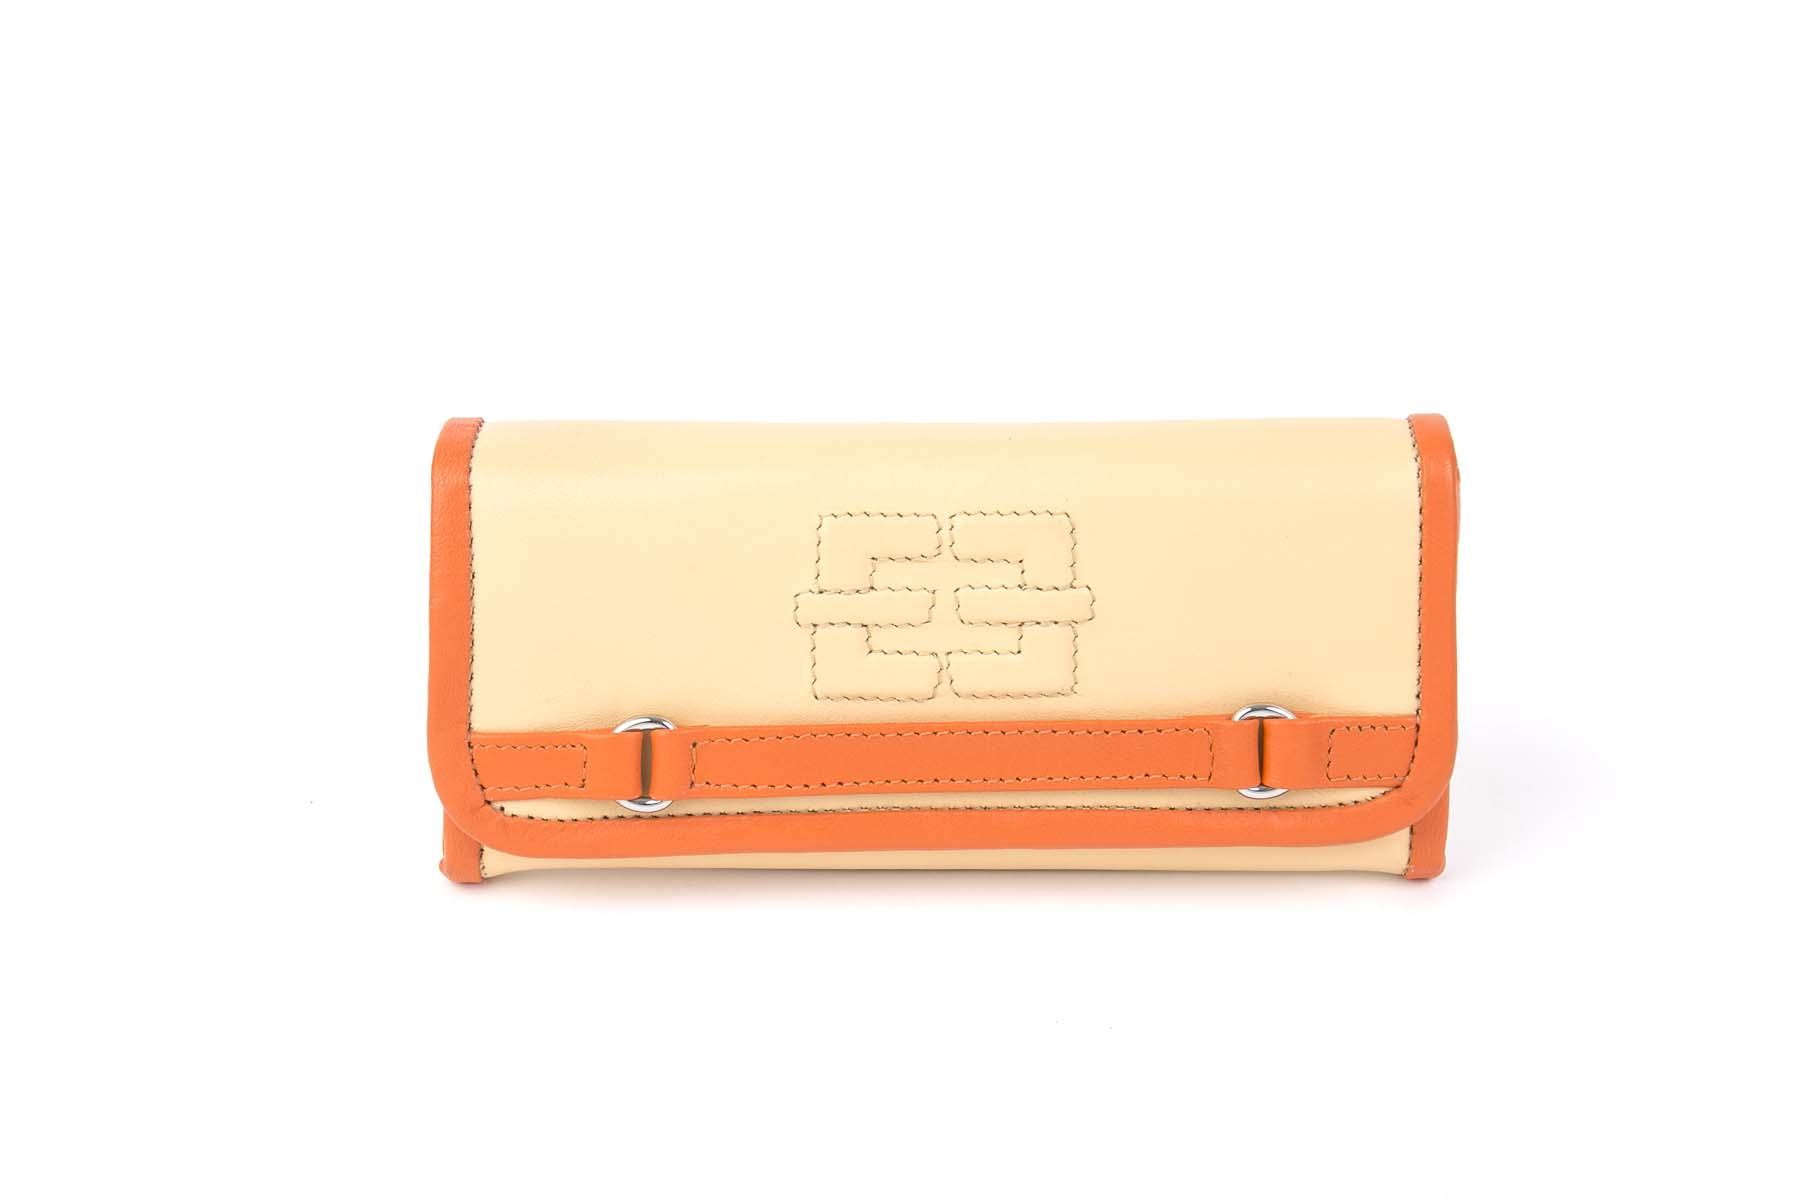 Portemonnaie Peaches & Orange pfirsich-orange